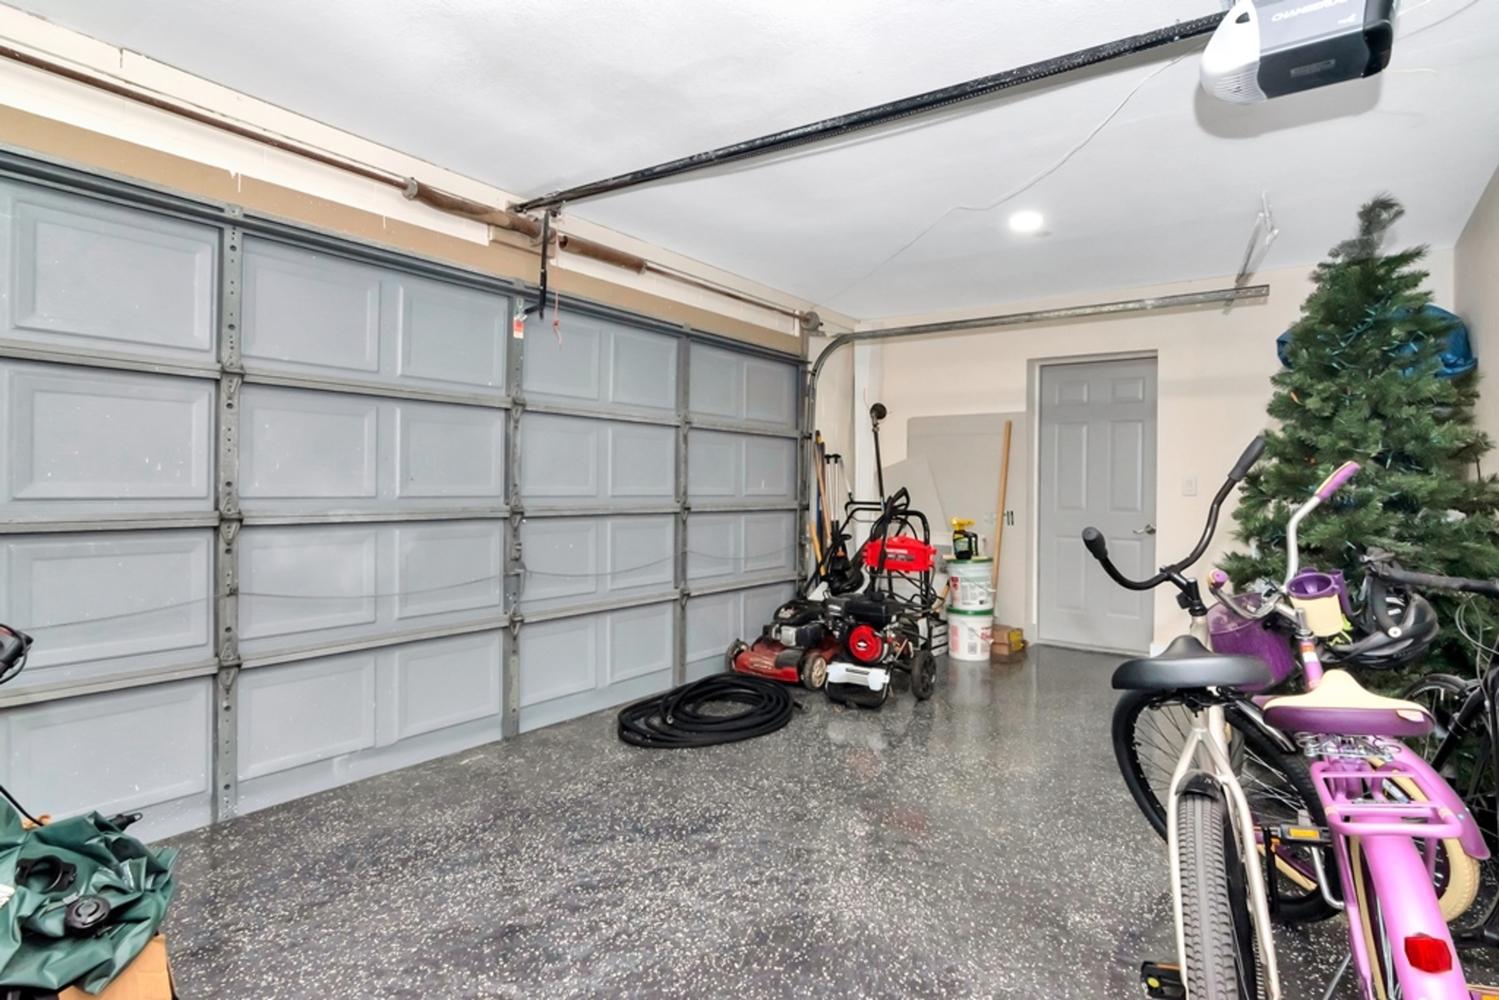 43  garage